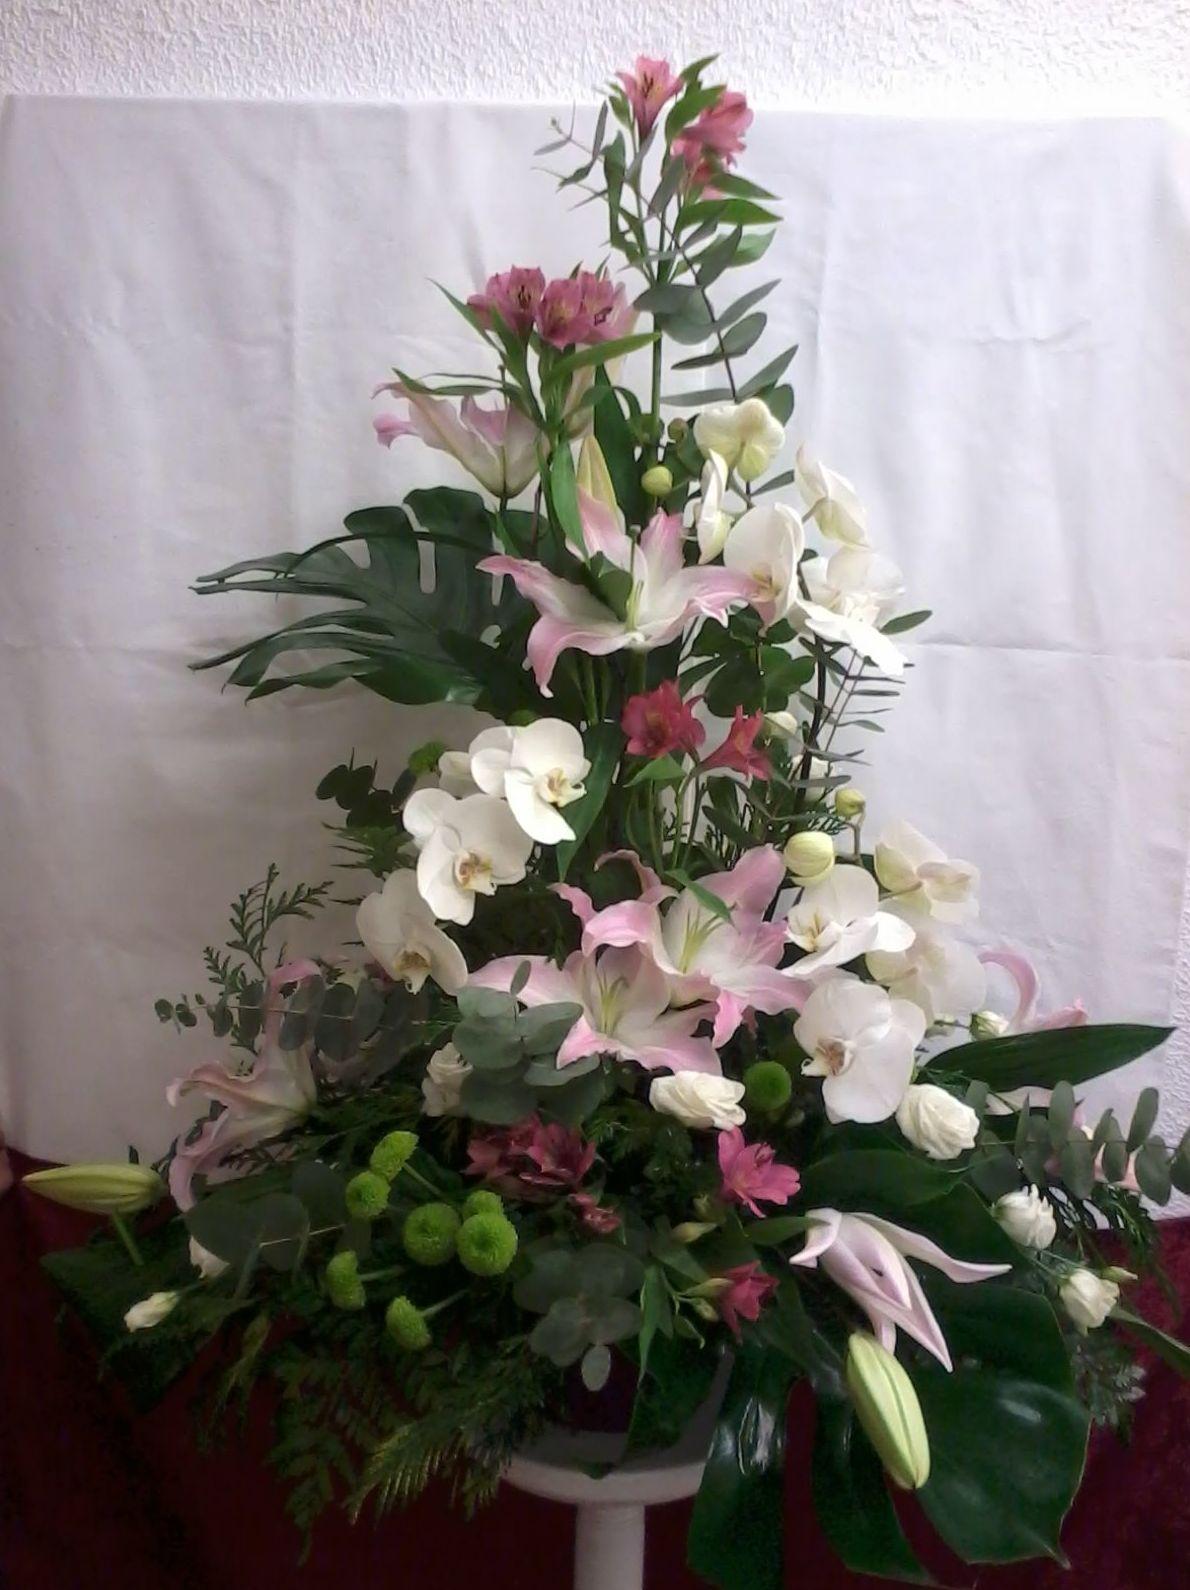 Centro de Liliun y Phalenopsis: Catálogo de Flores de Sala - Floristería